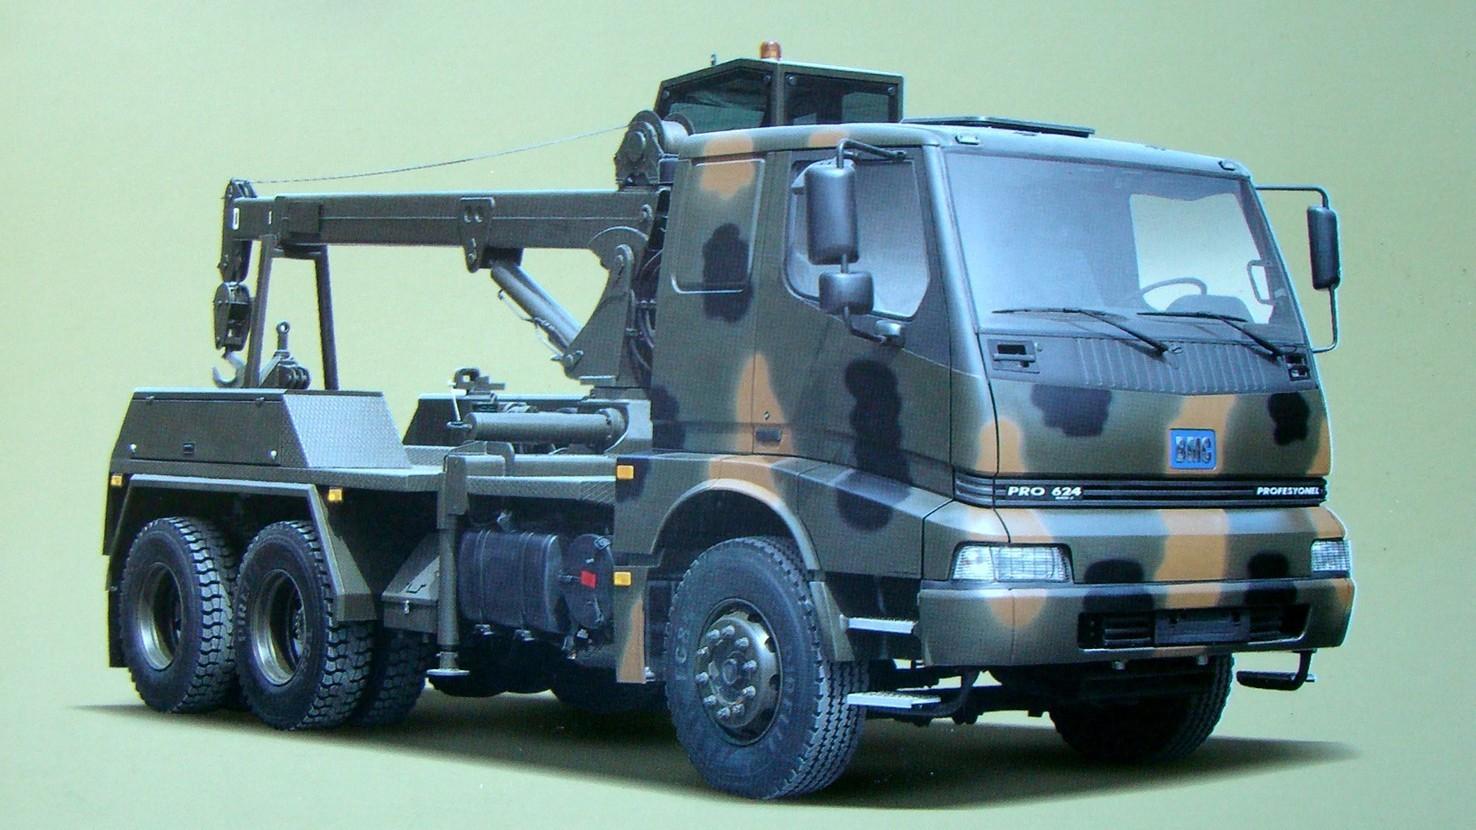 Ремонтно-эвакуационный автомобиль на 5-тонном шасси ВМС 624